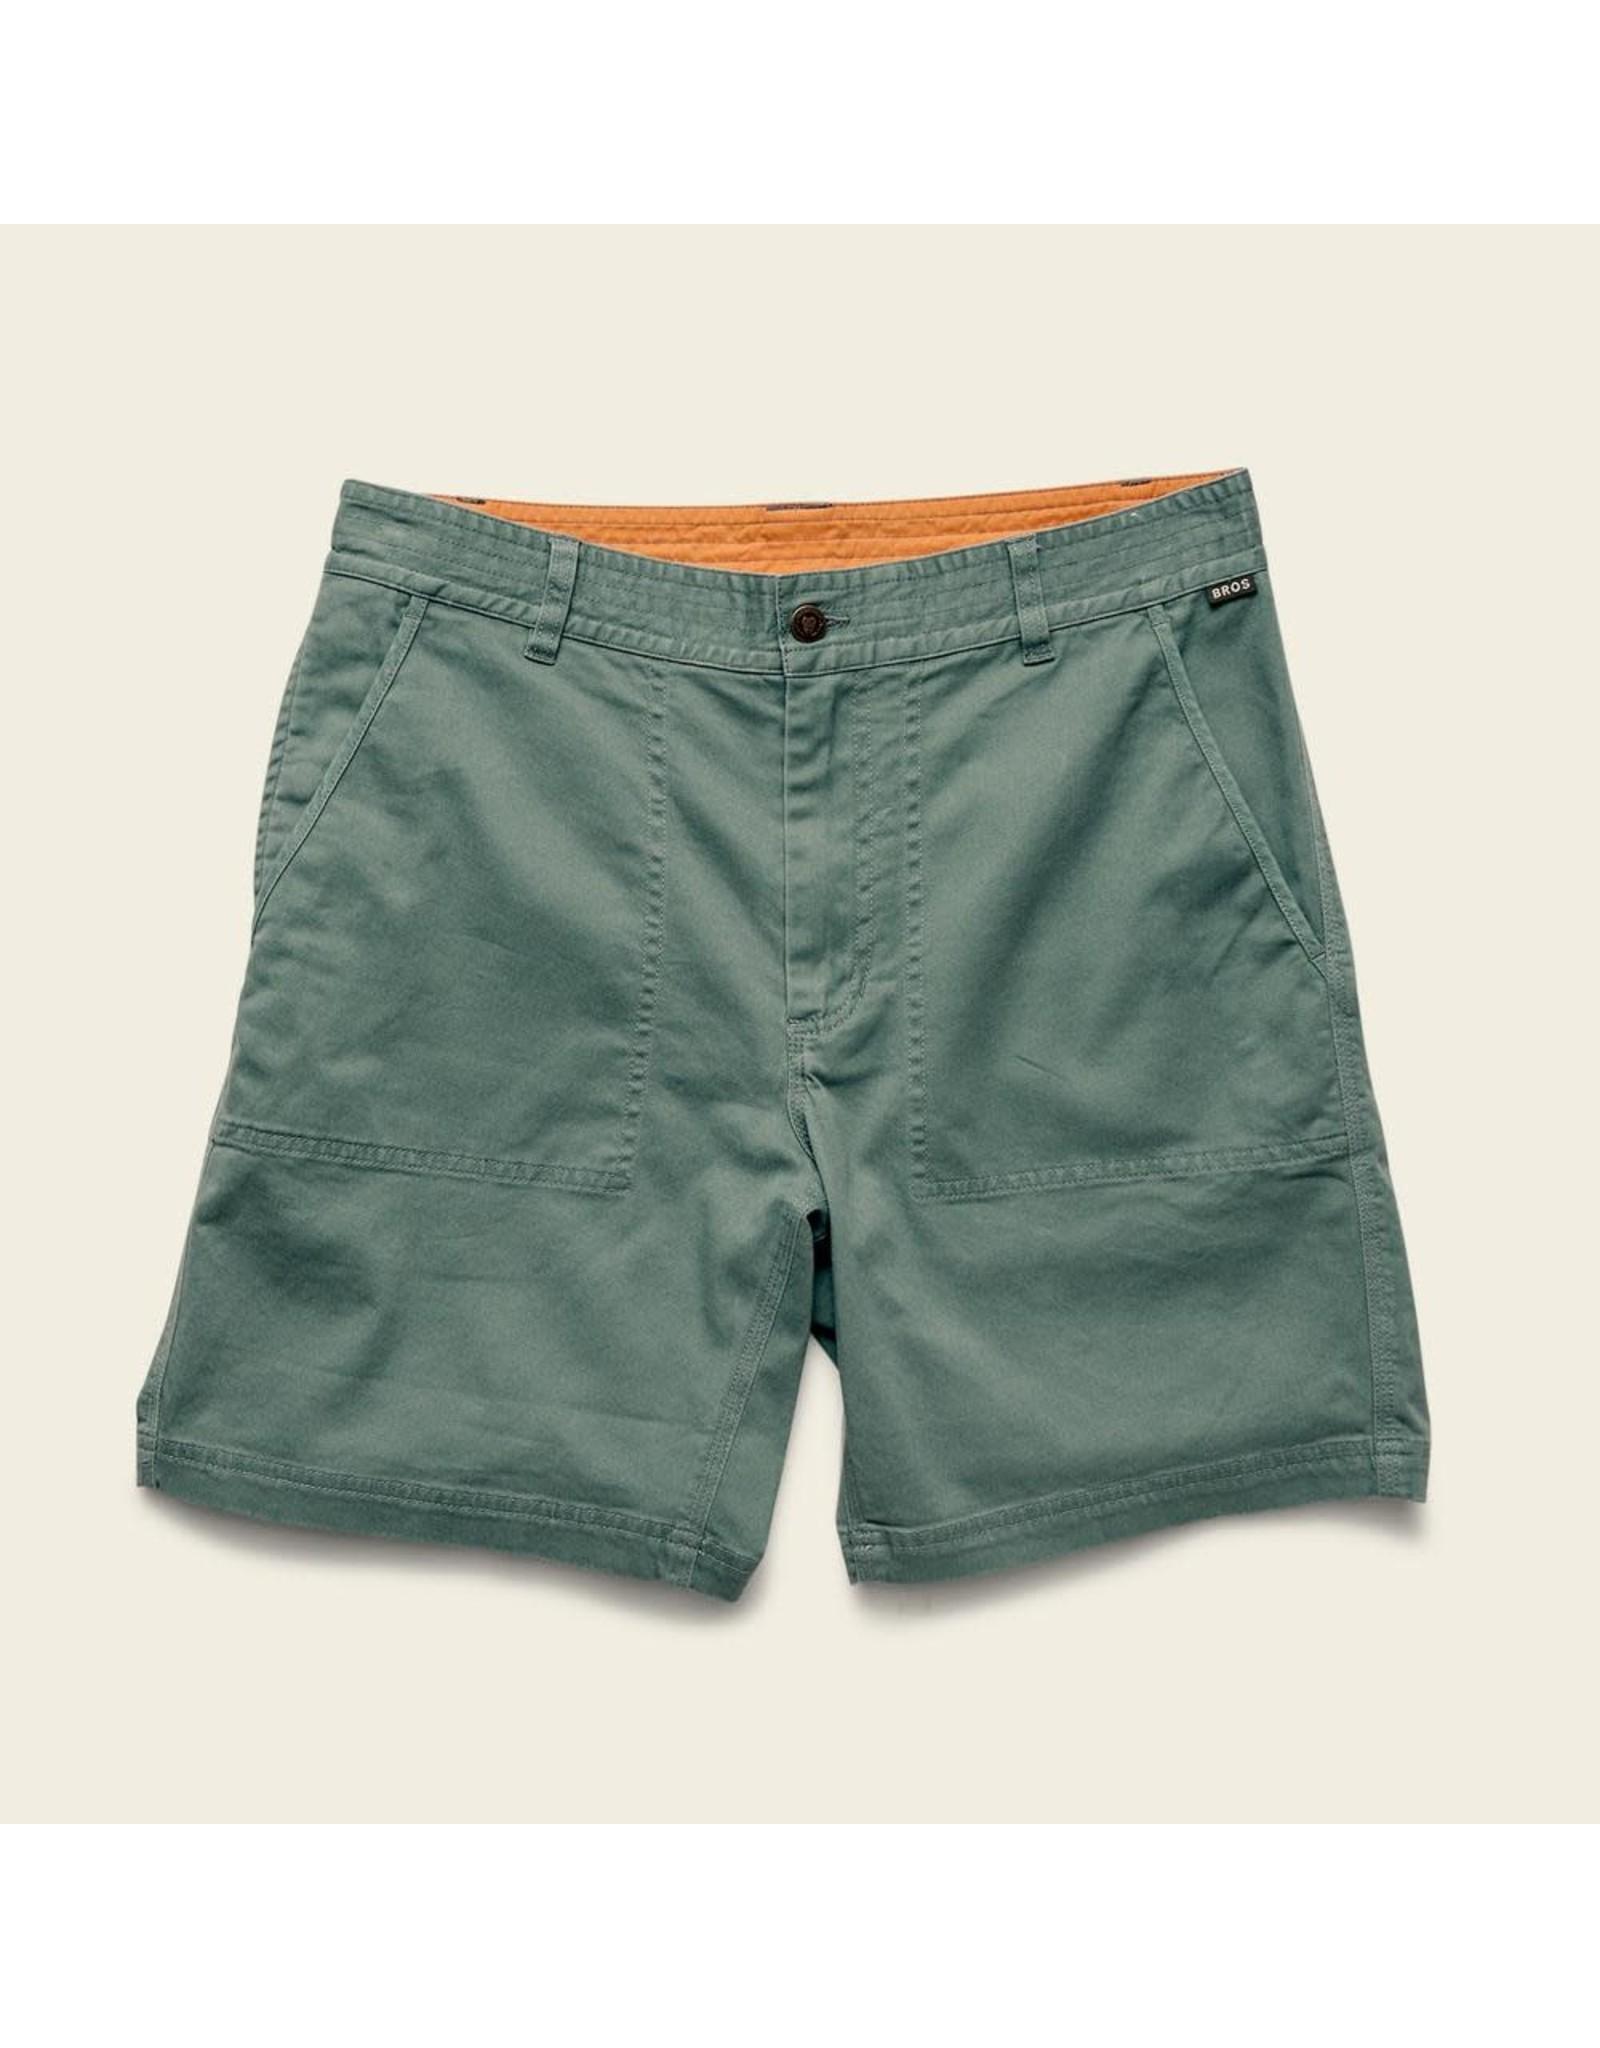 Howler Bros HB Clarksville Walk Shorts